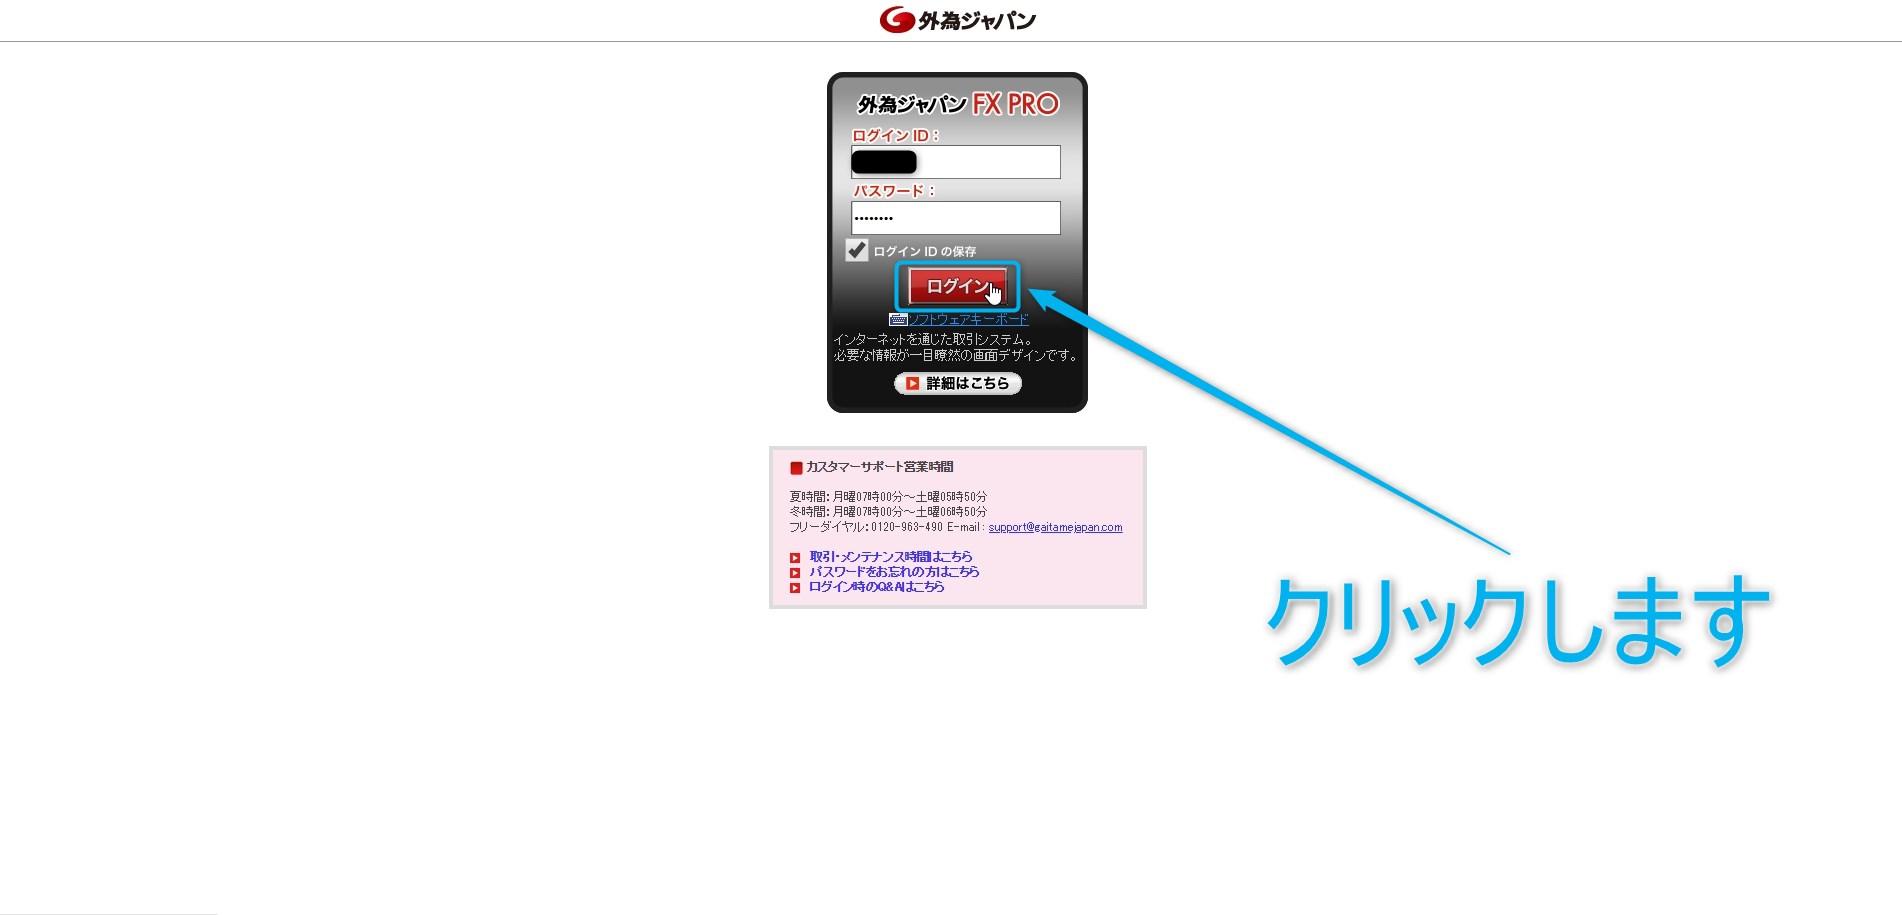 外為ジャパンFX PROにログイン